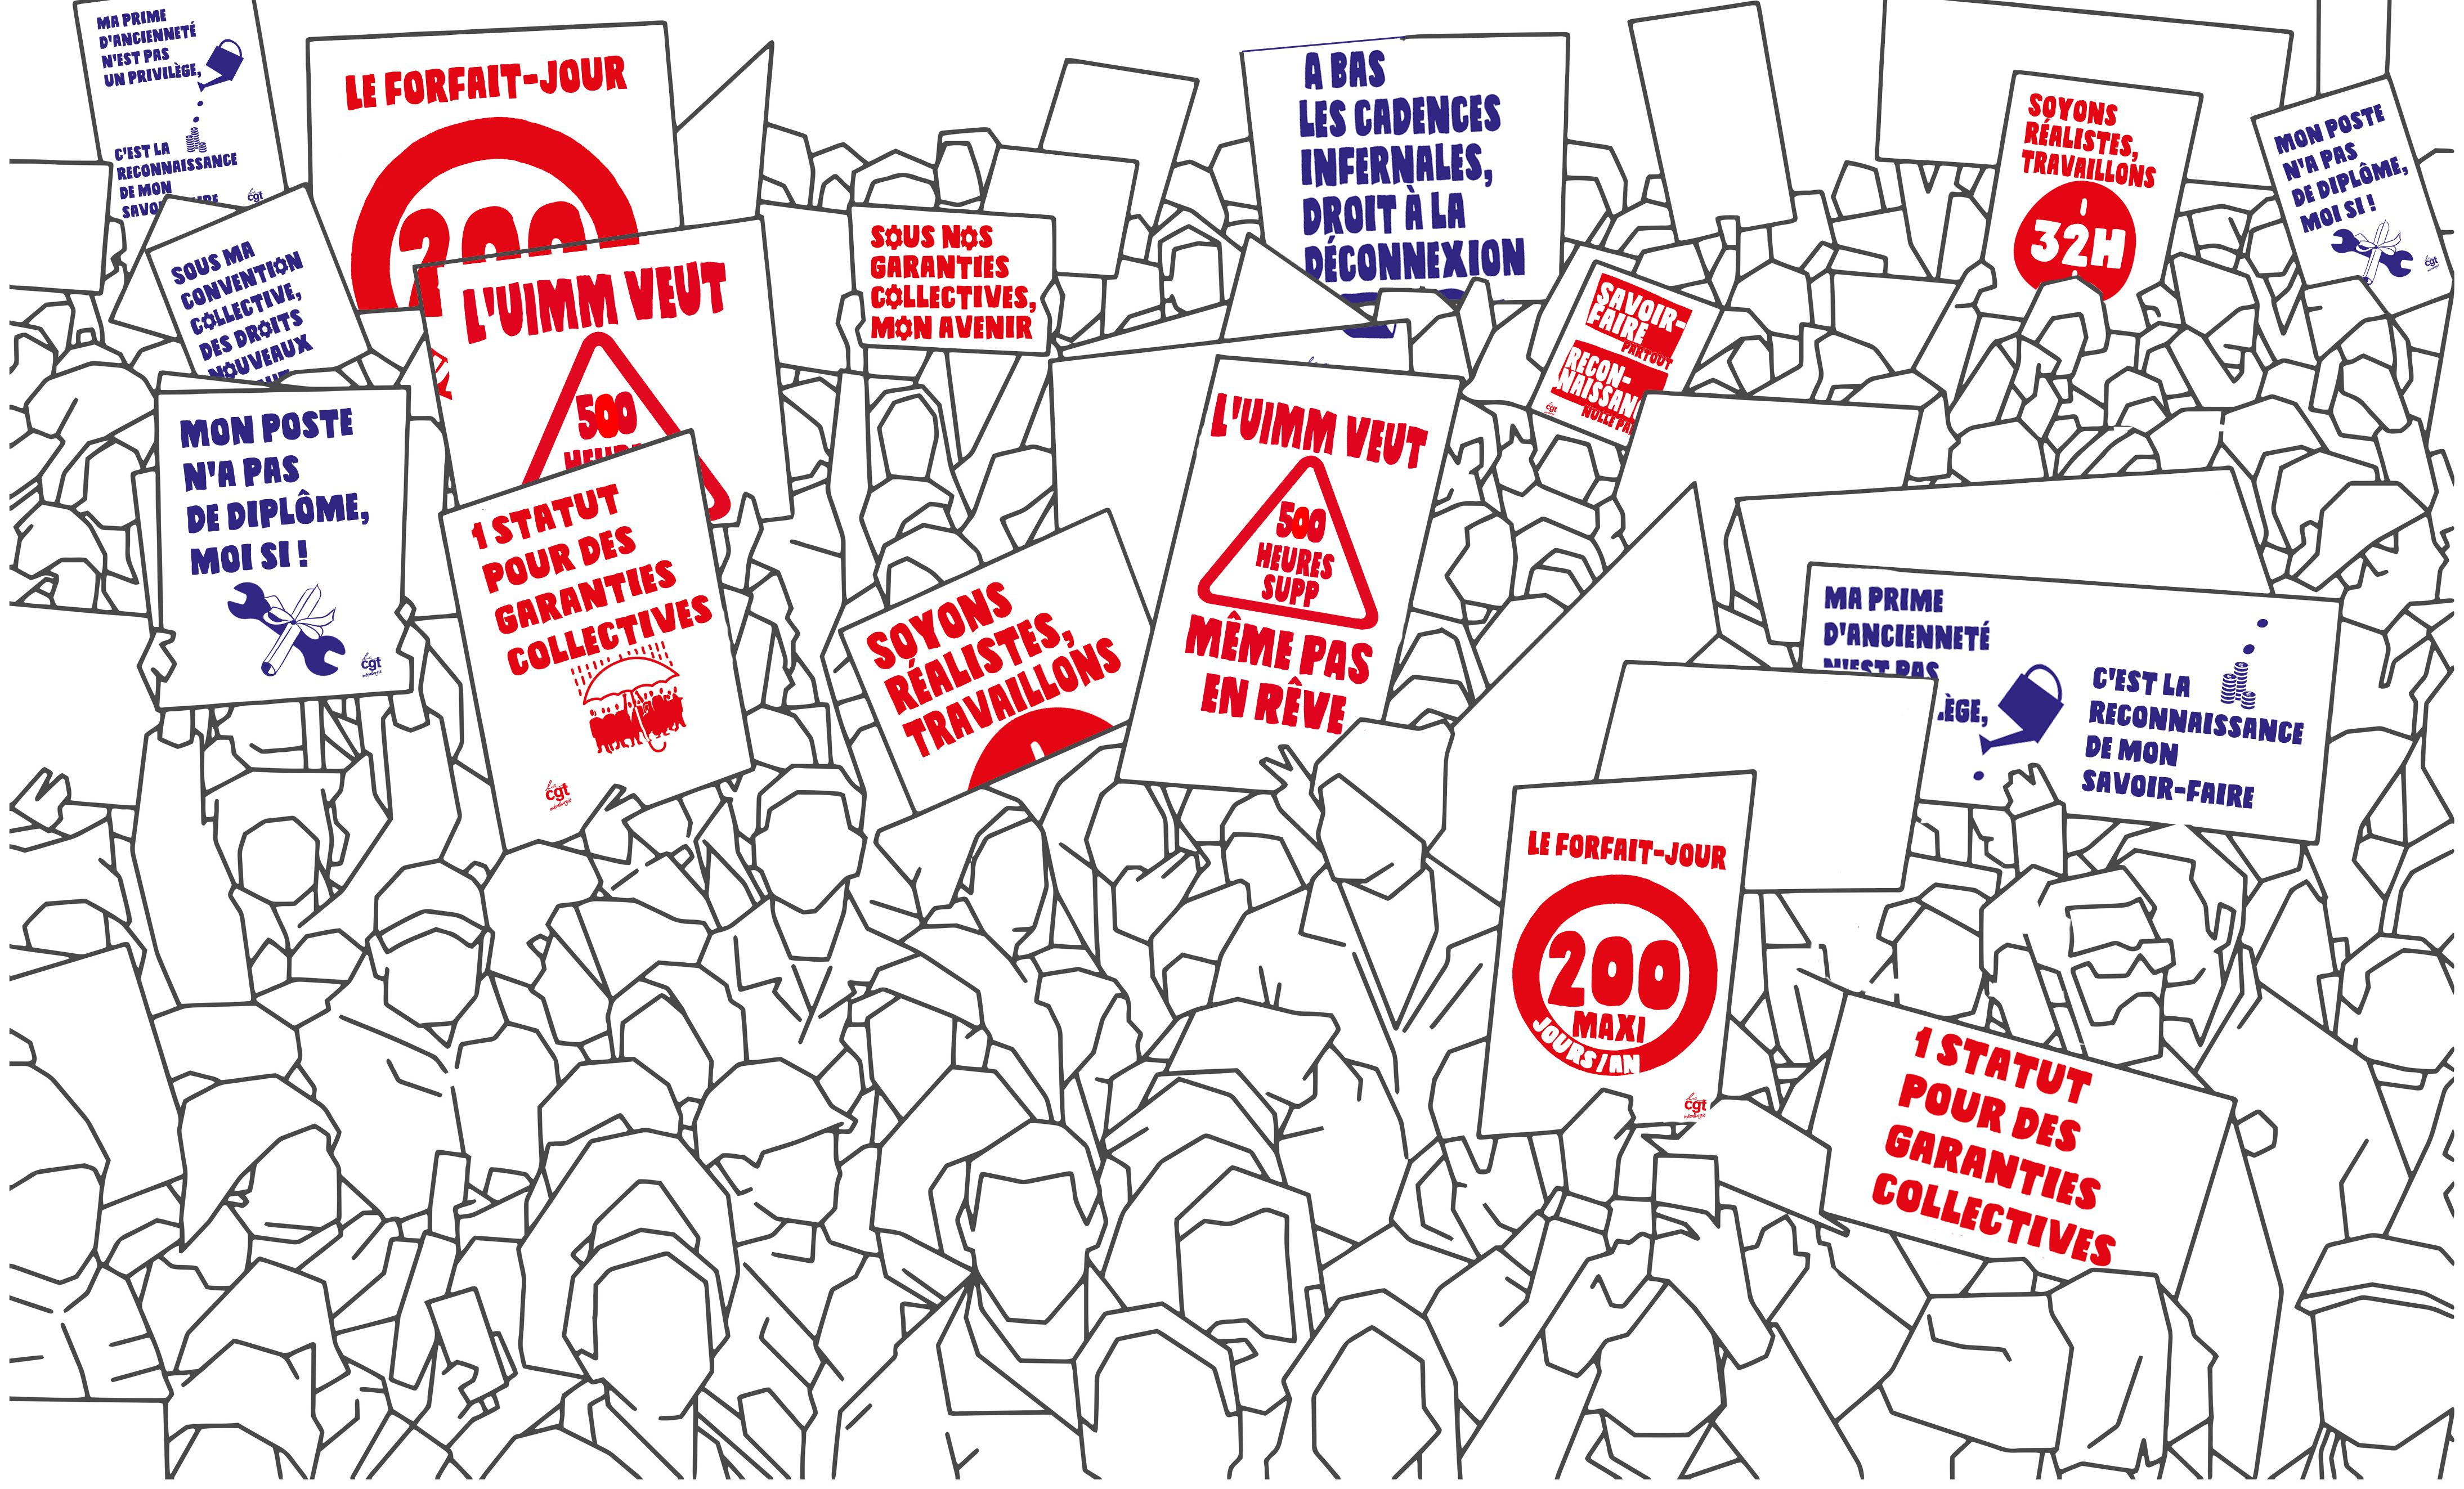 Mobilisation Et Action 28 29 Juin